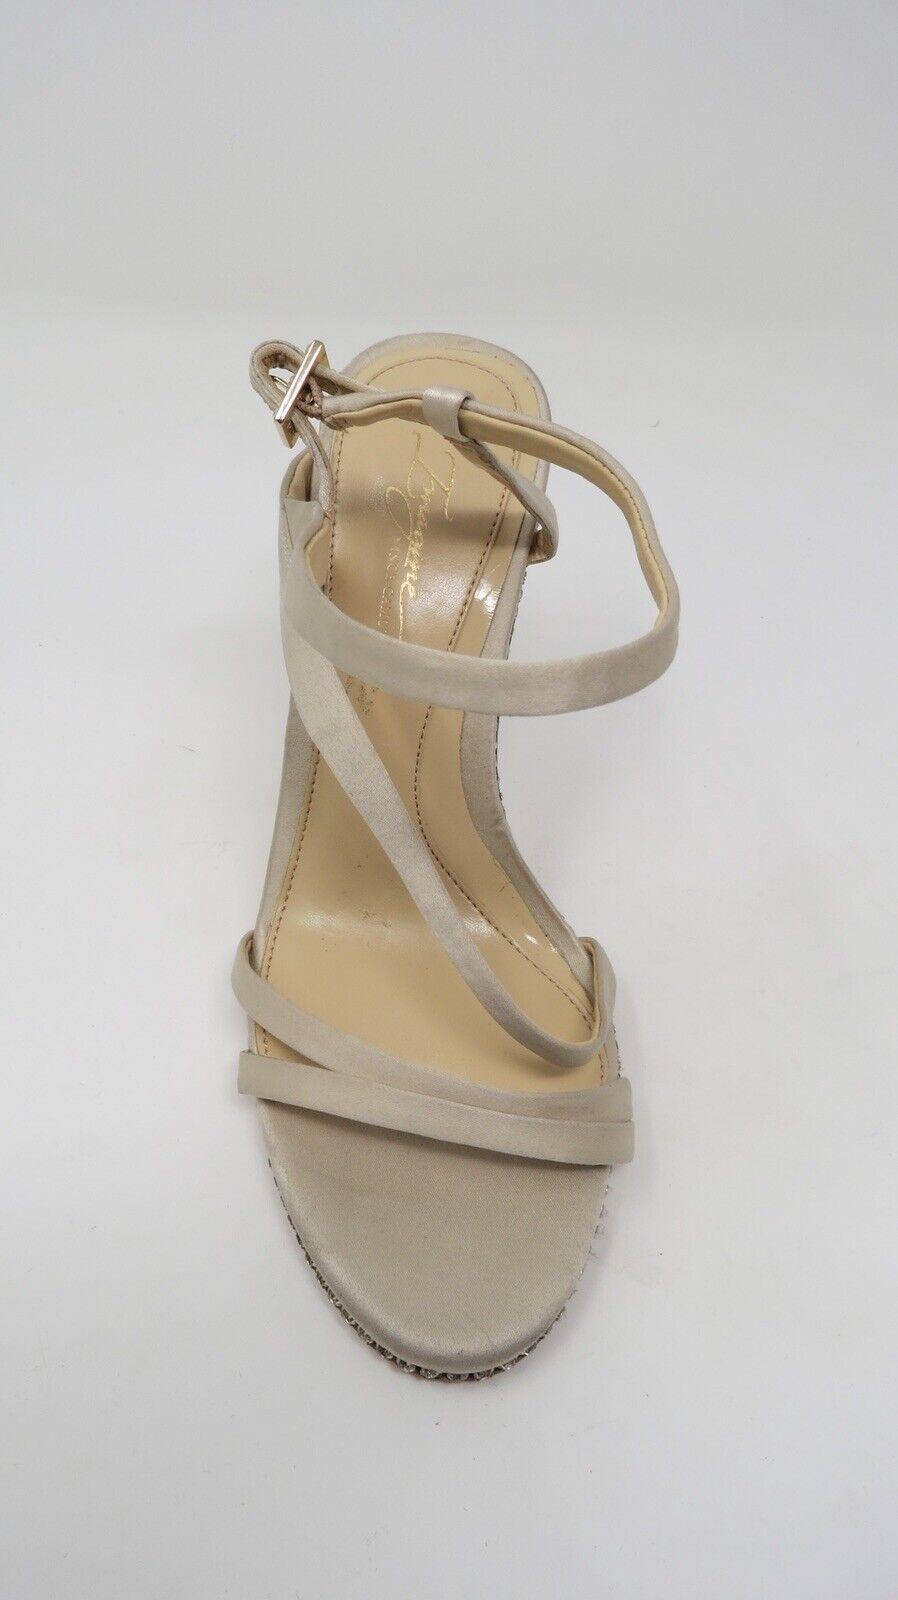 Imagine Vince Camuto. Nude color  Ankle Wrap Women Sandals shoes Size 36